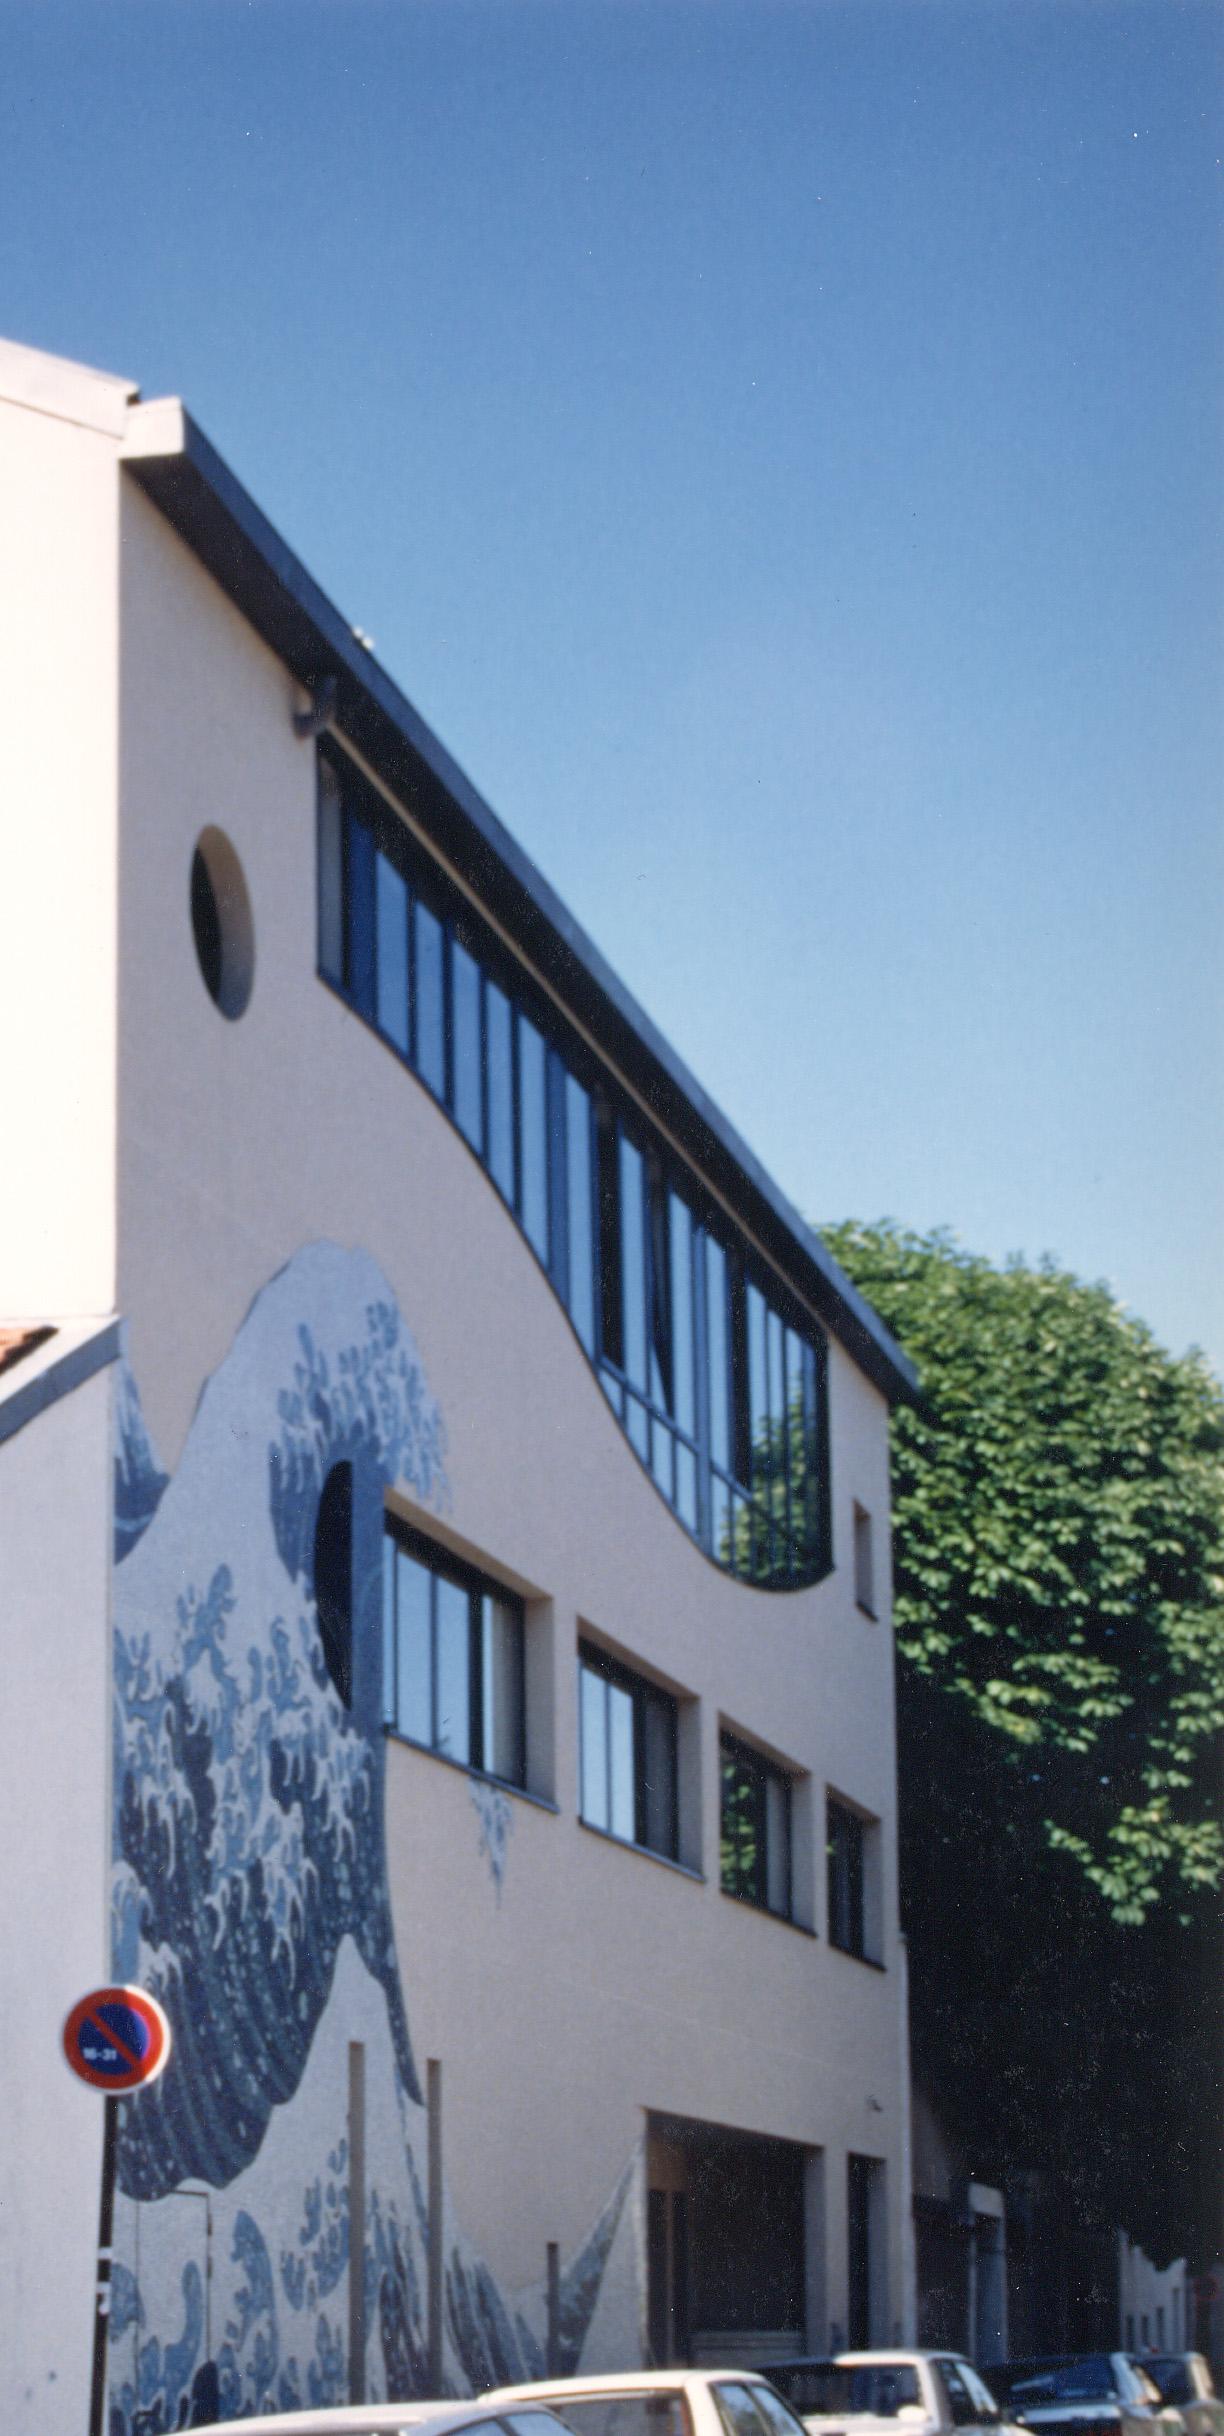 Maison populaire Montreuil 93